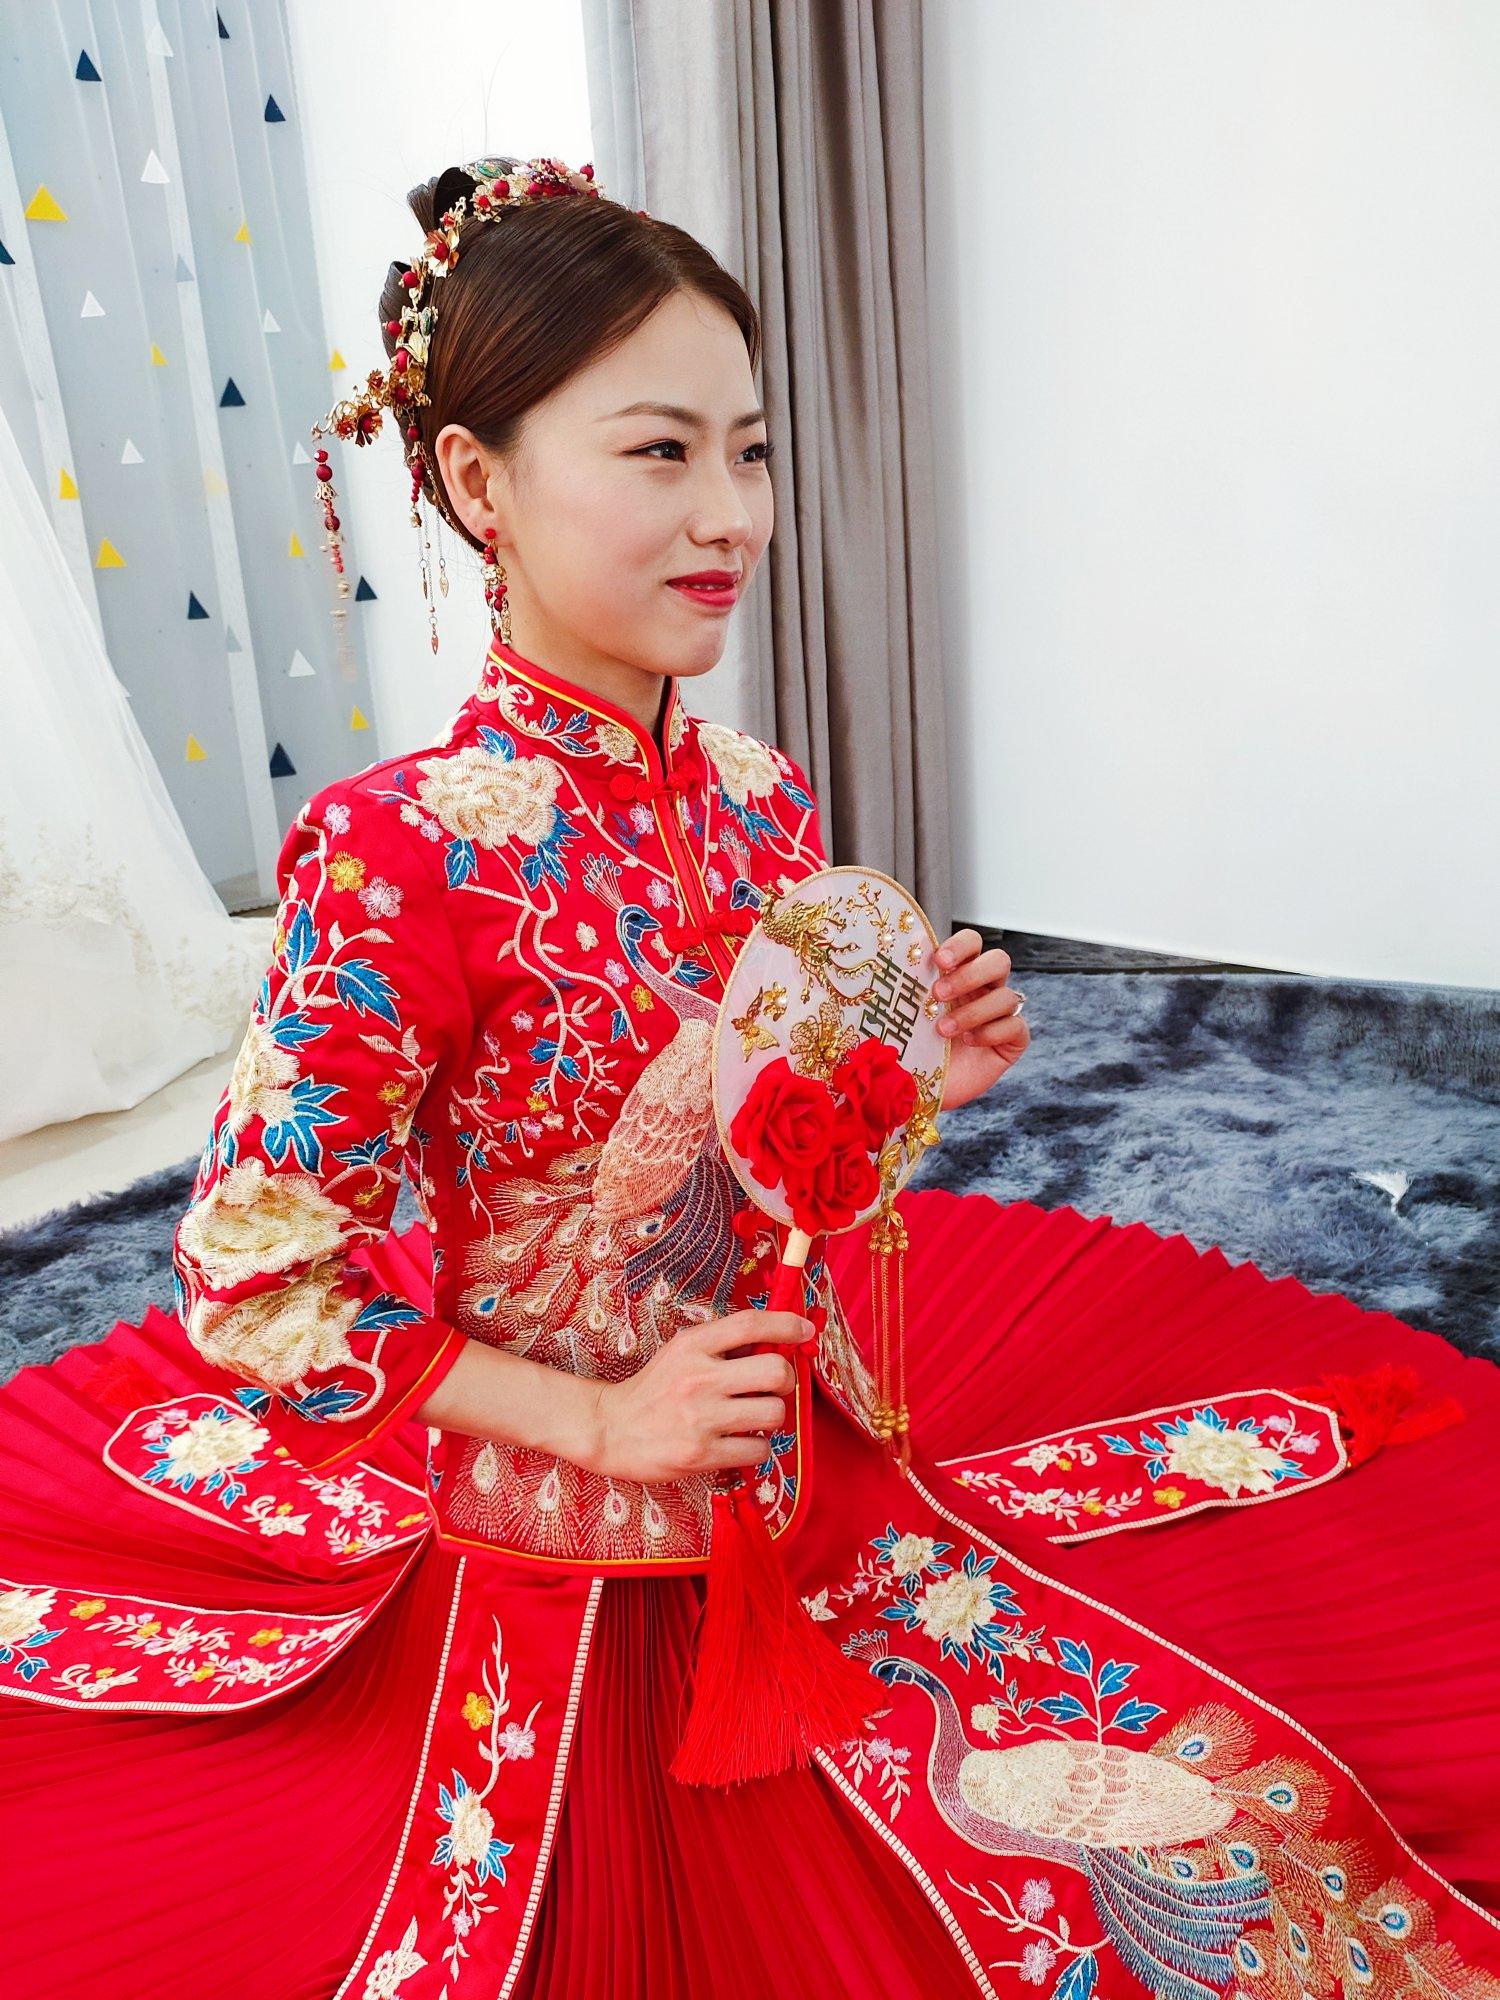 北京花海阁婚礼策划_花海阁婚礼怎么样/官网价格/电话 - 婚礼纪